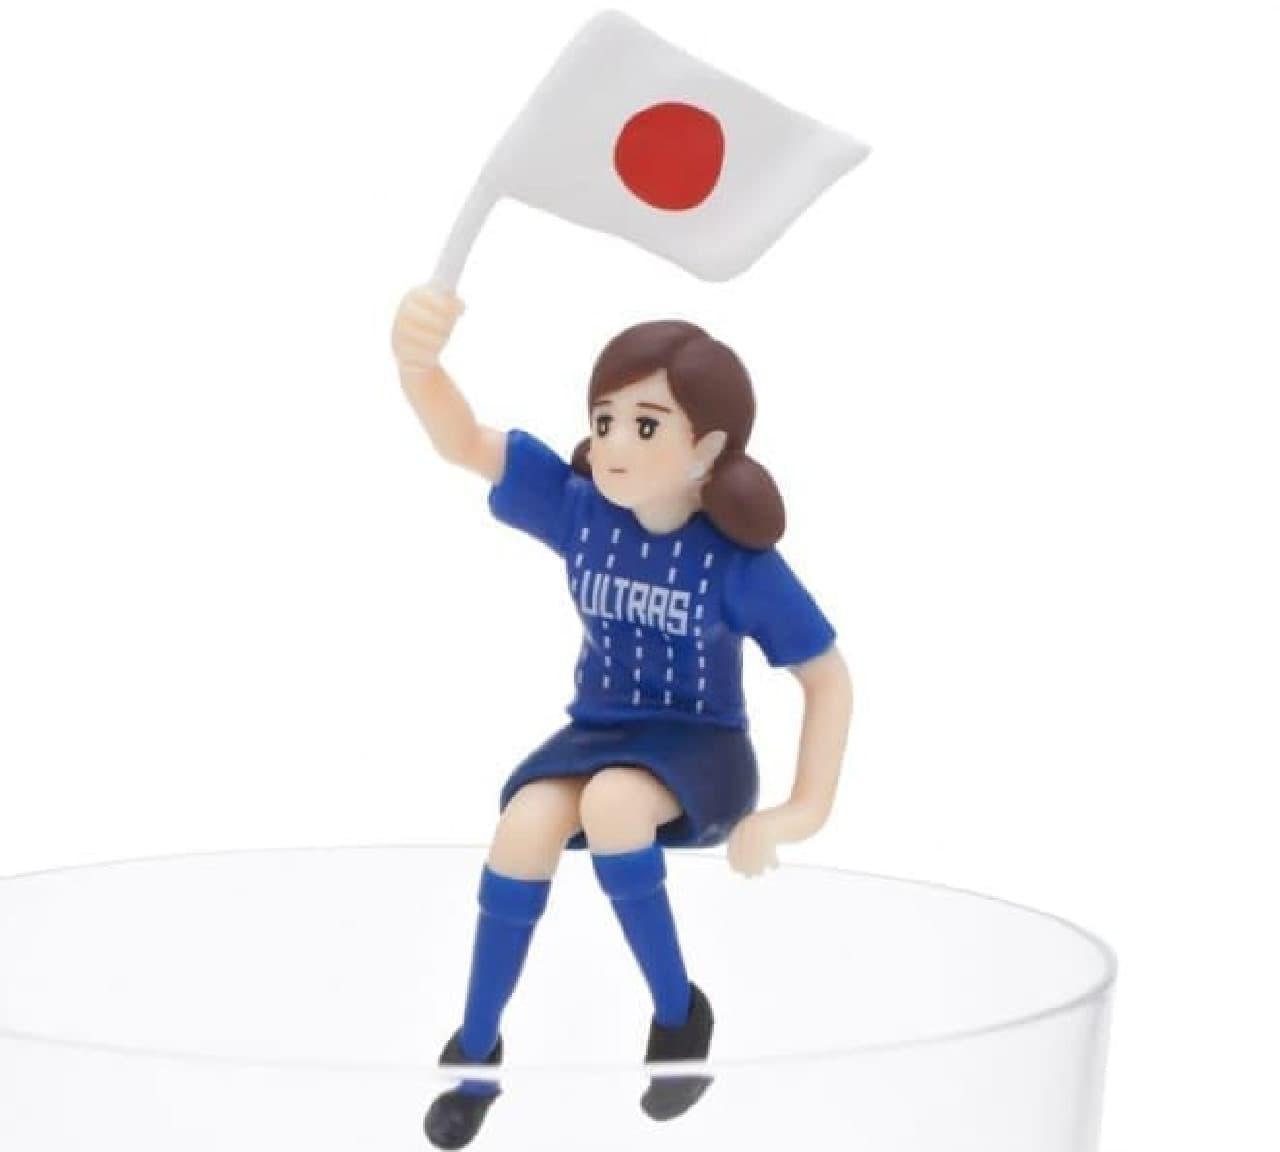 サッカー日本代表を応援するフチ子さん「コップのフチ子 ULTRAS 1.5」